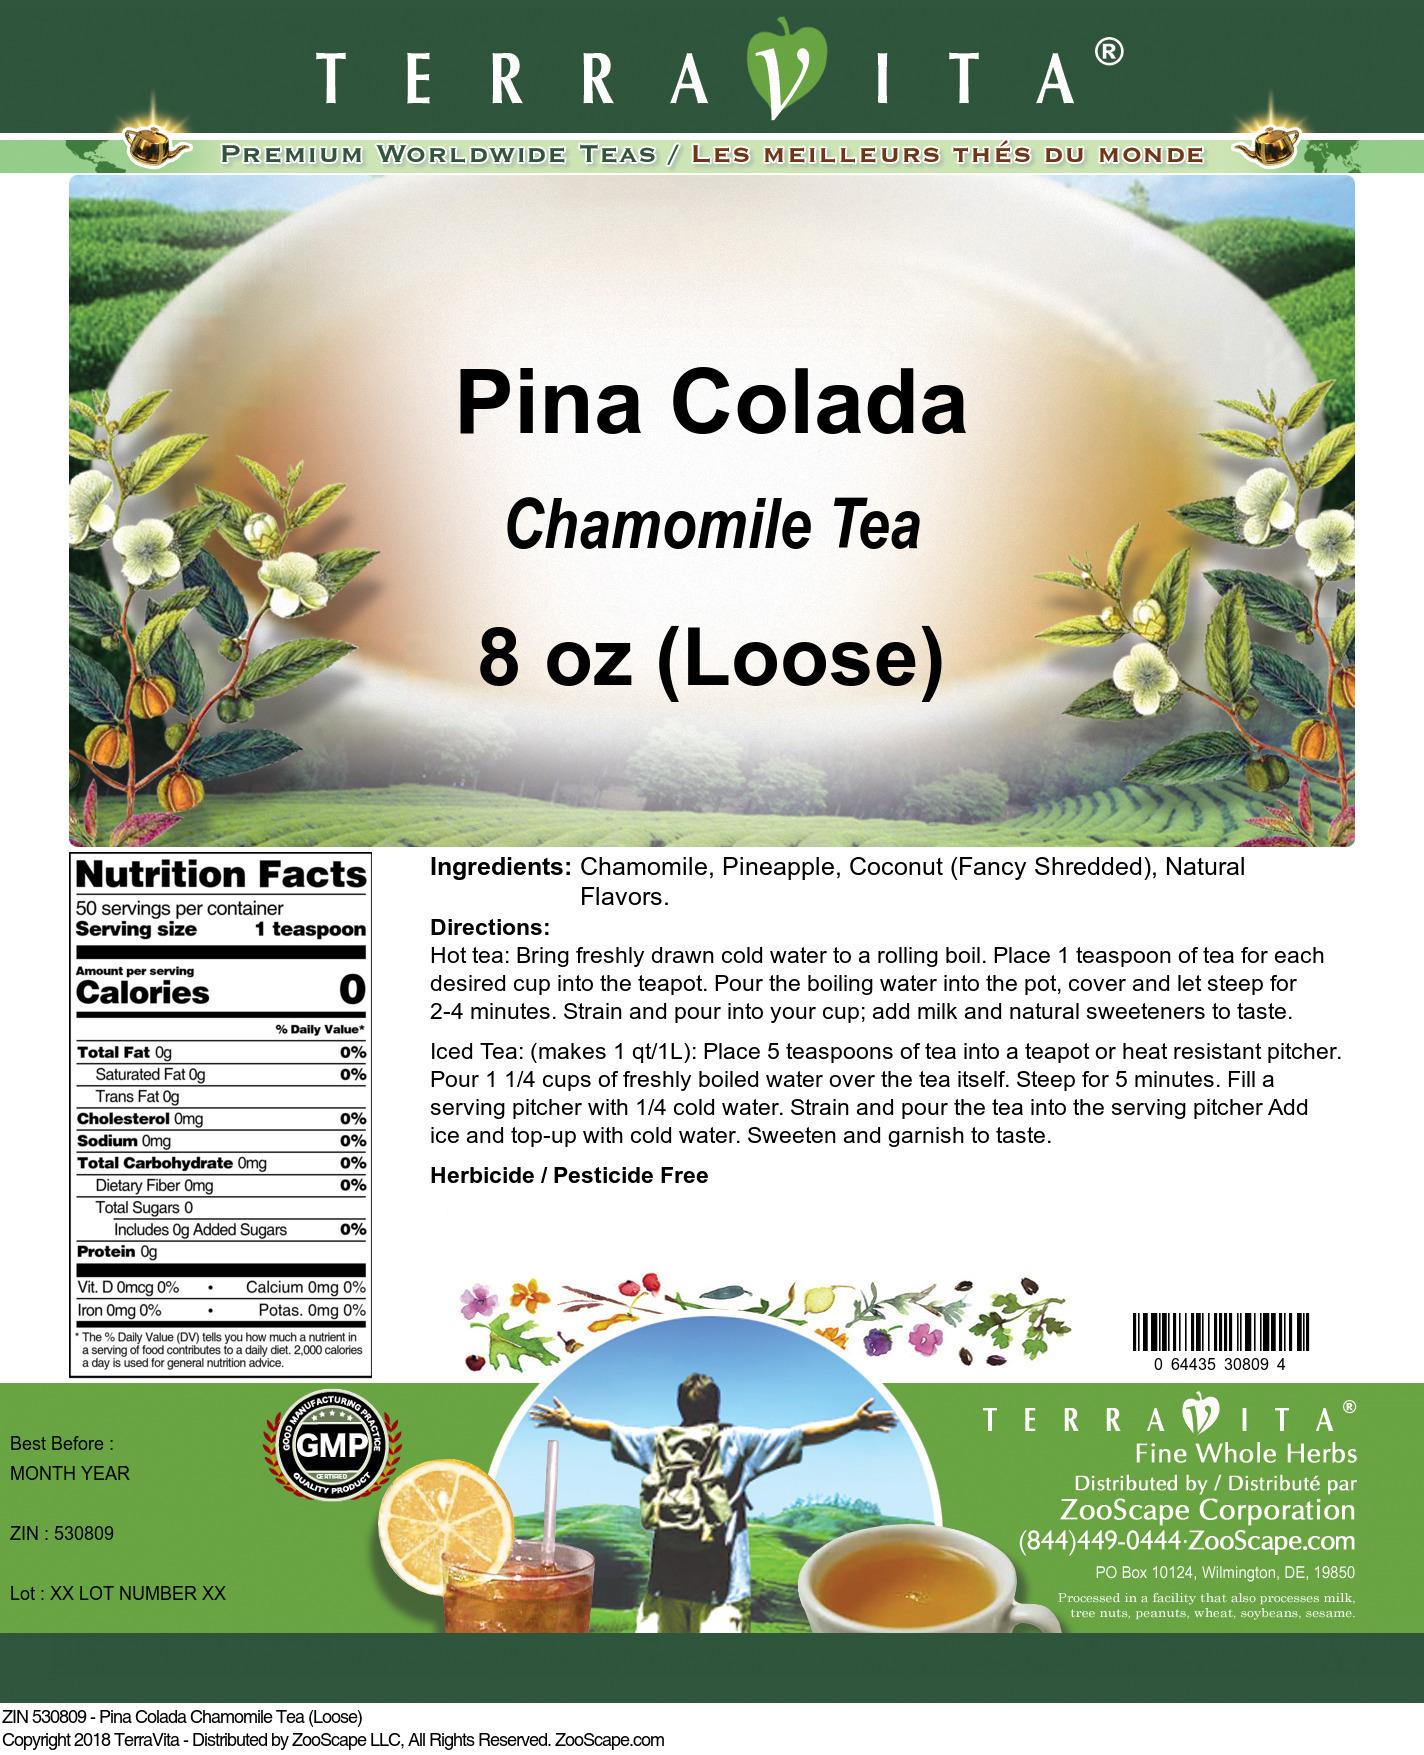 Pina Colada Chamomile Tea (Loose)